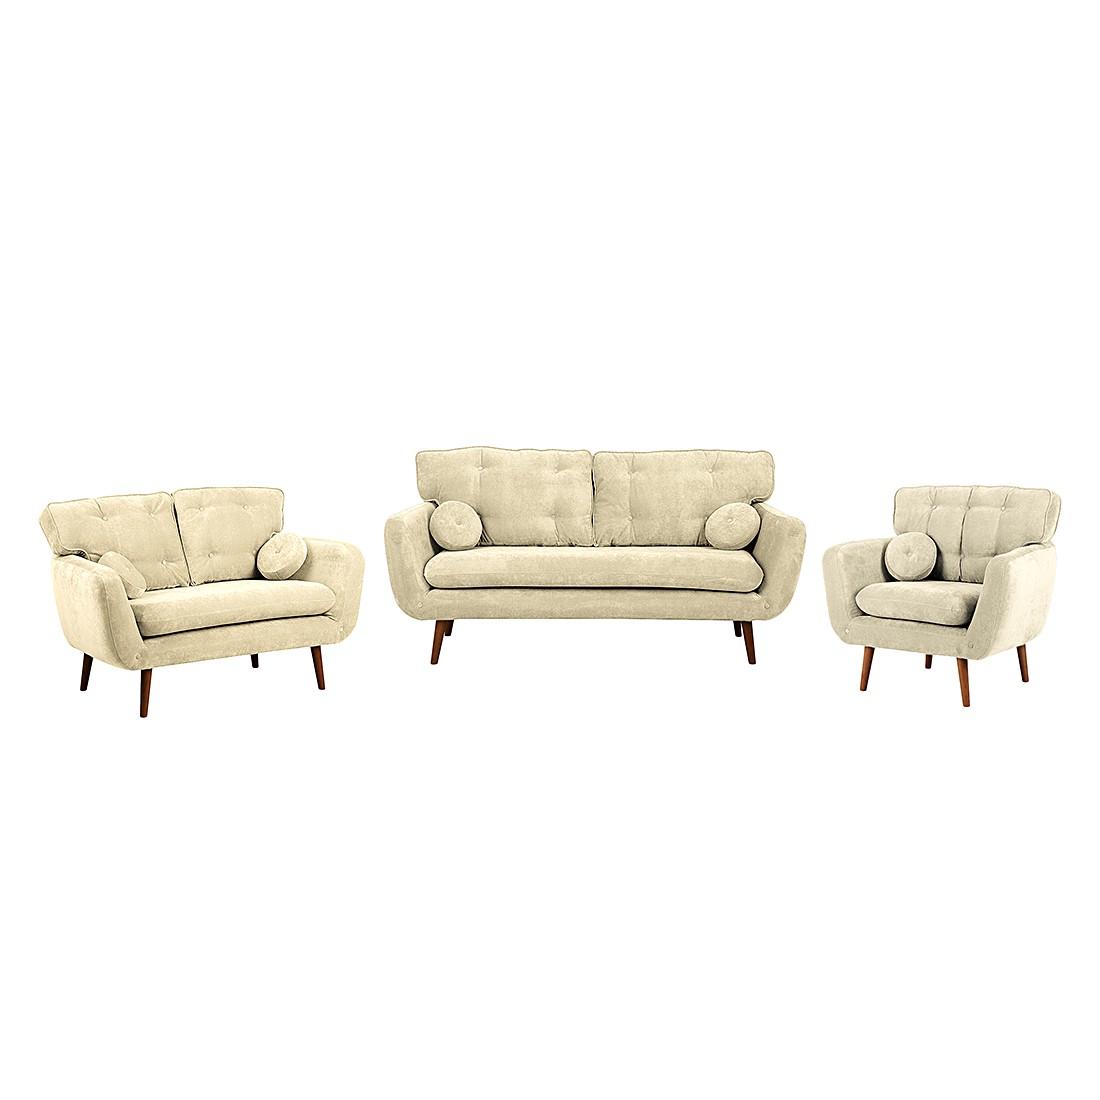 polstergarnitur lillbro 3 2 1 microfaser beige m rteens kaufen. Black Bedroom Furniture Sets. Home Design Ideas